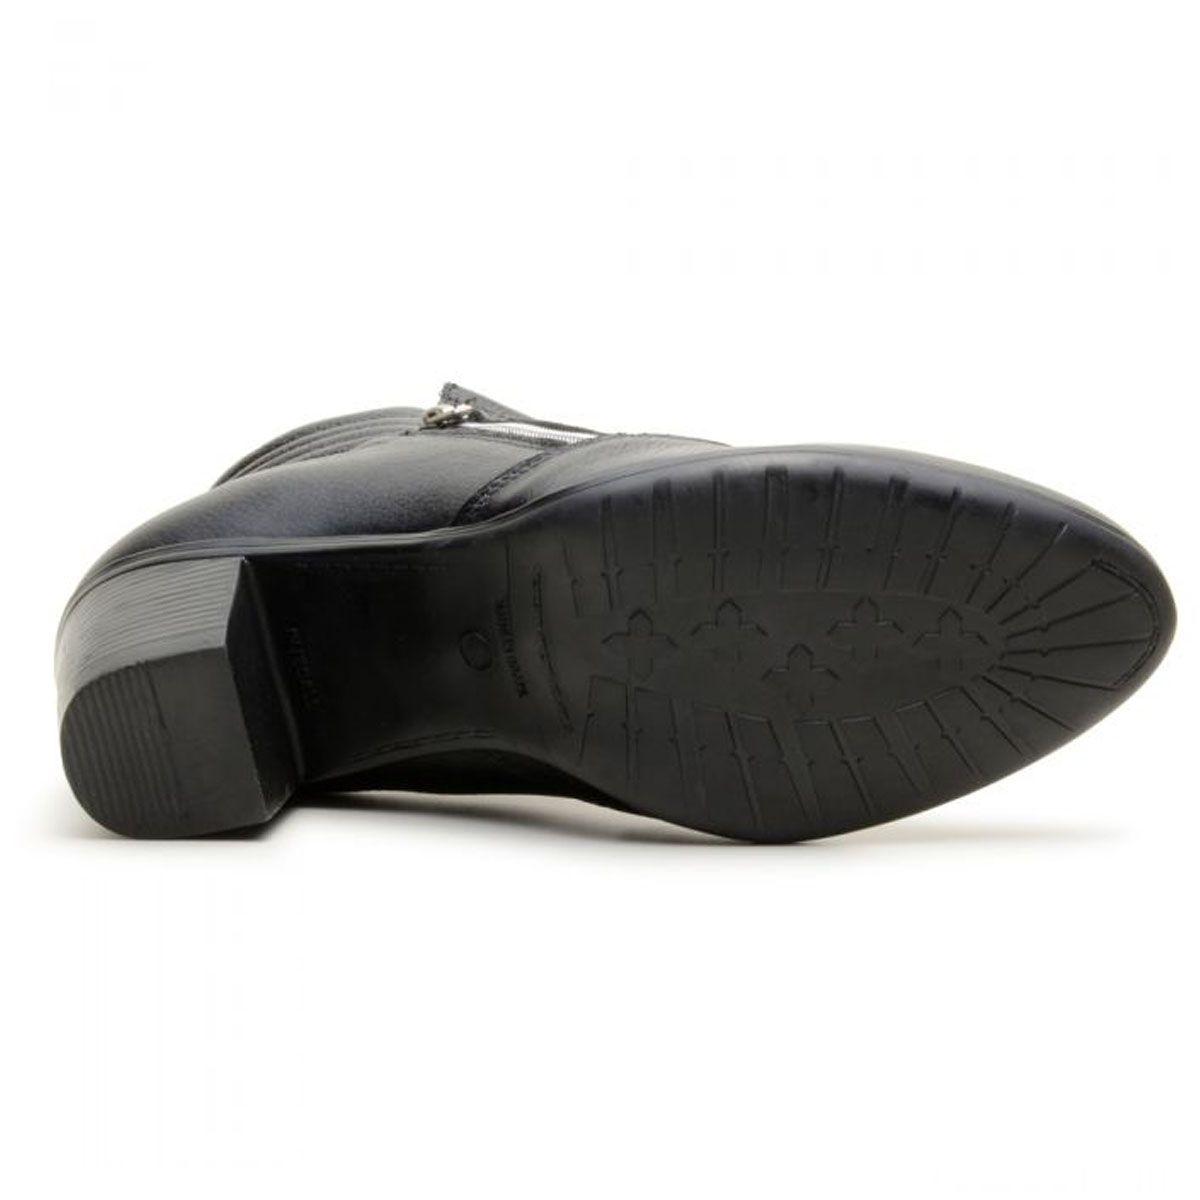 Coturno feminino cano baixo em couro legítimo na cor preta 9205